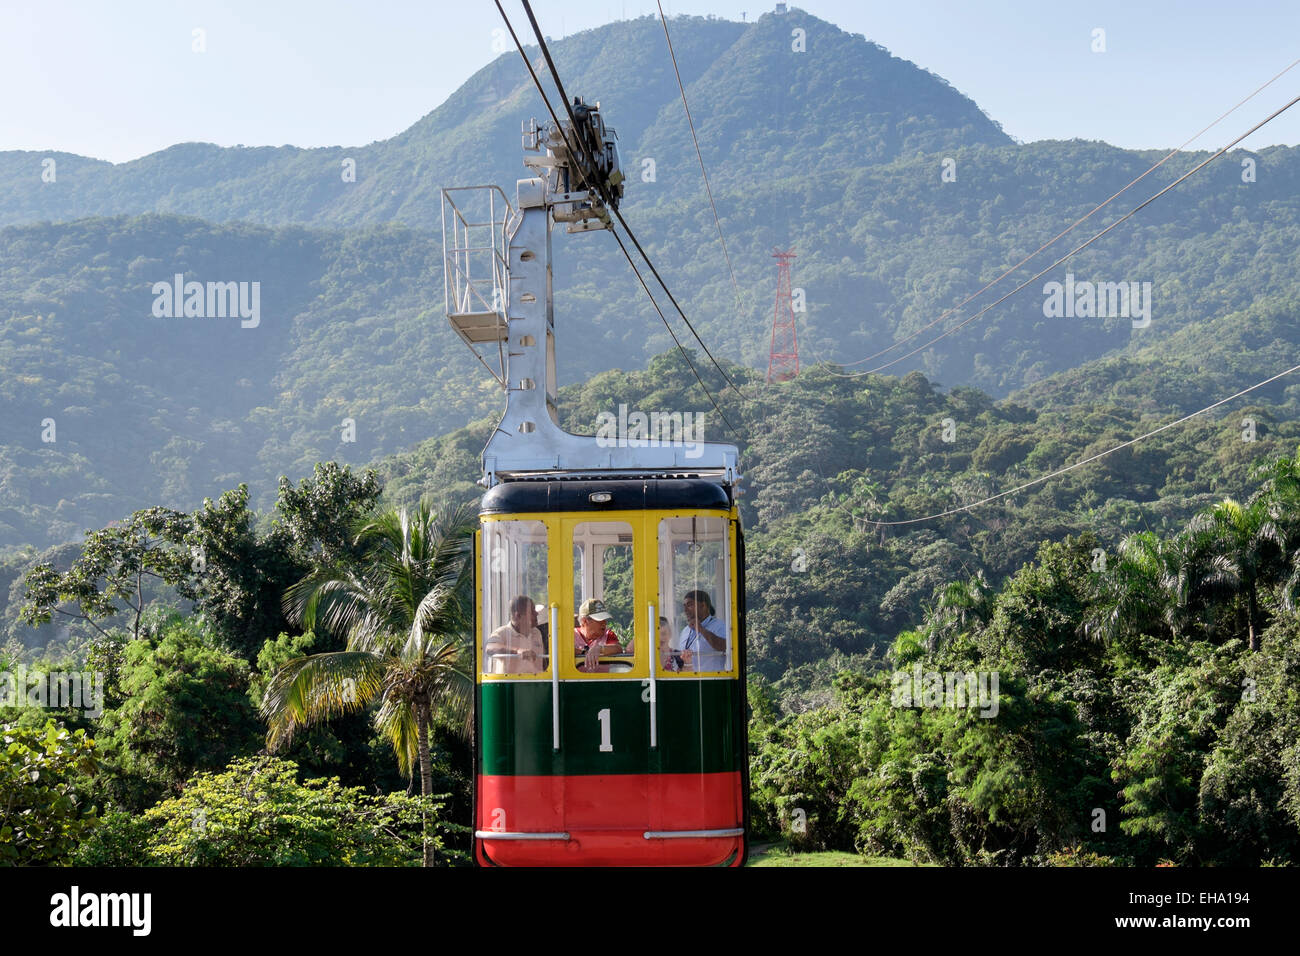 Les touristes en Teleforico télécabine téléphérique au-dessus de rainforest sur Pico Isabel Photo Stock